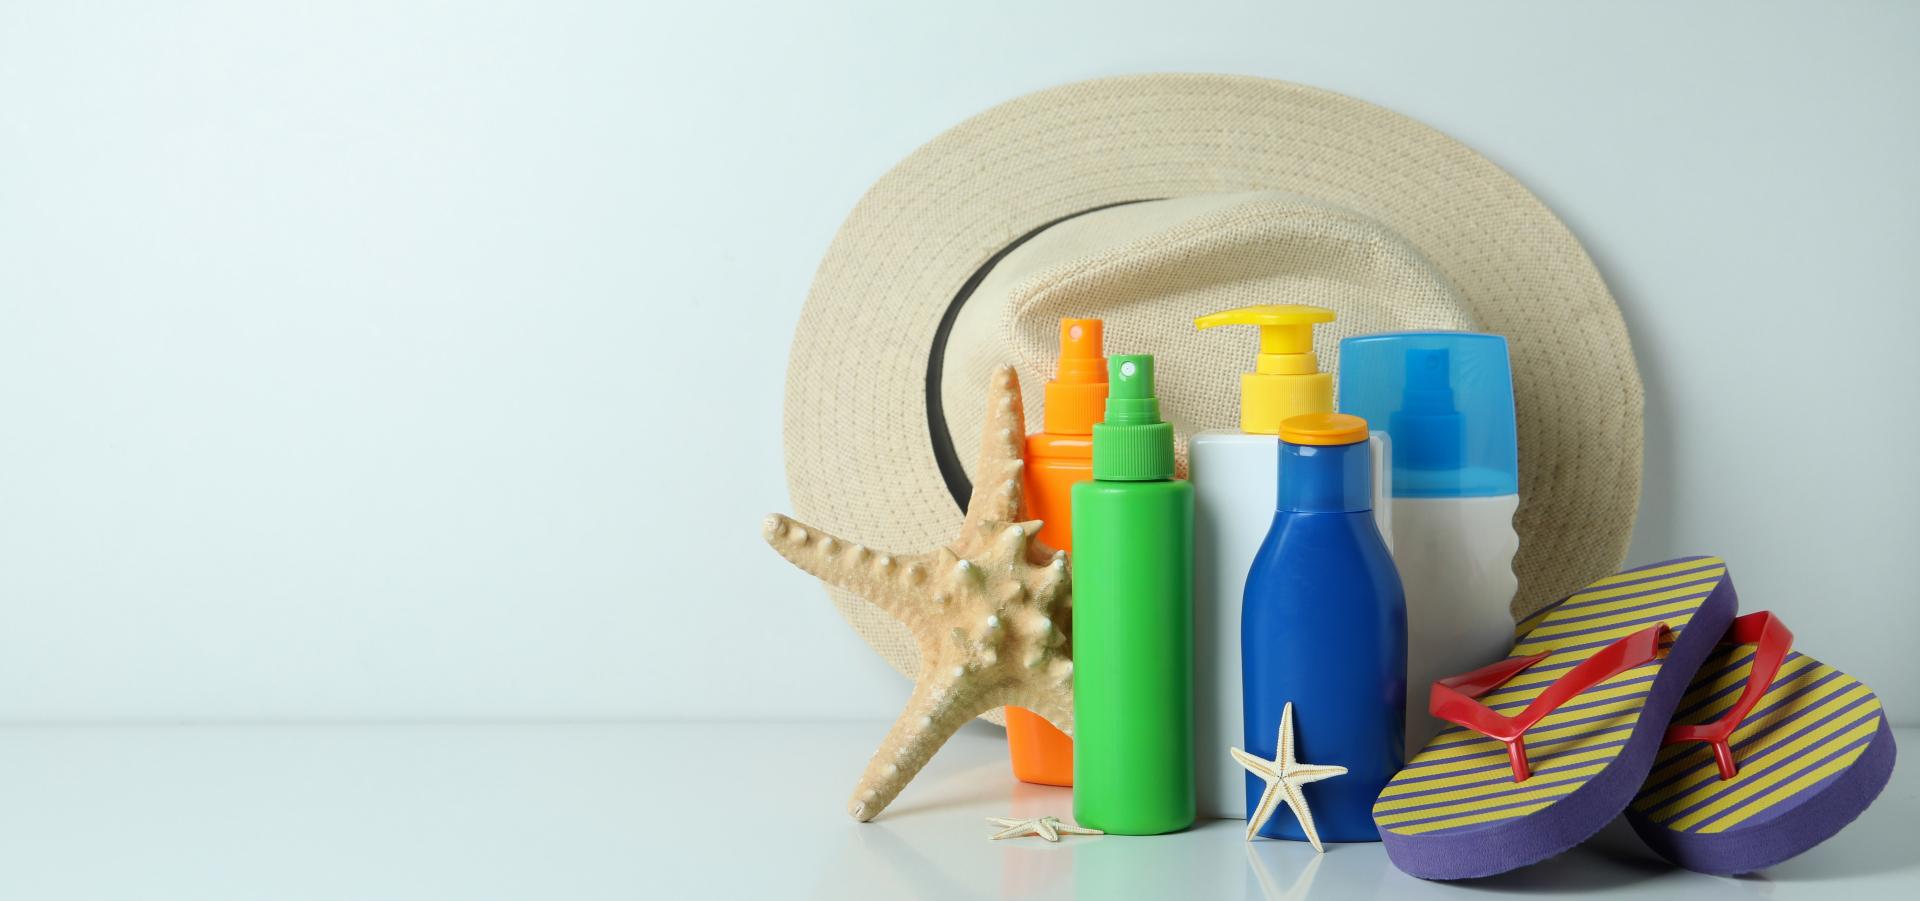 Forskjellige solkremprodukter med badesandaler og hatt.